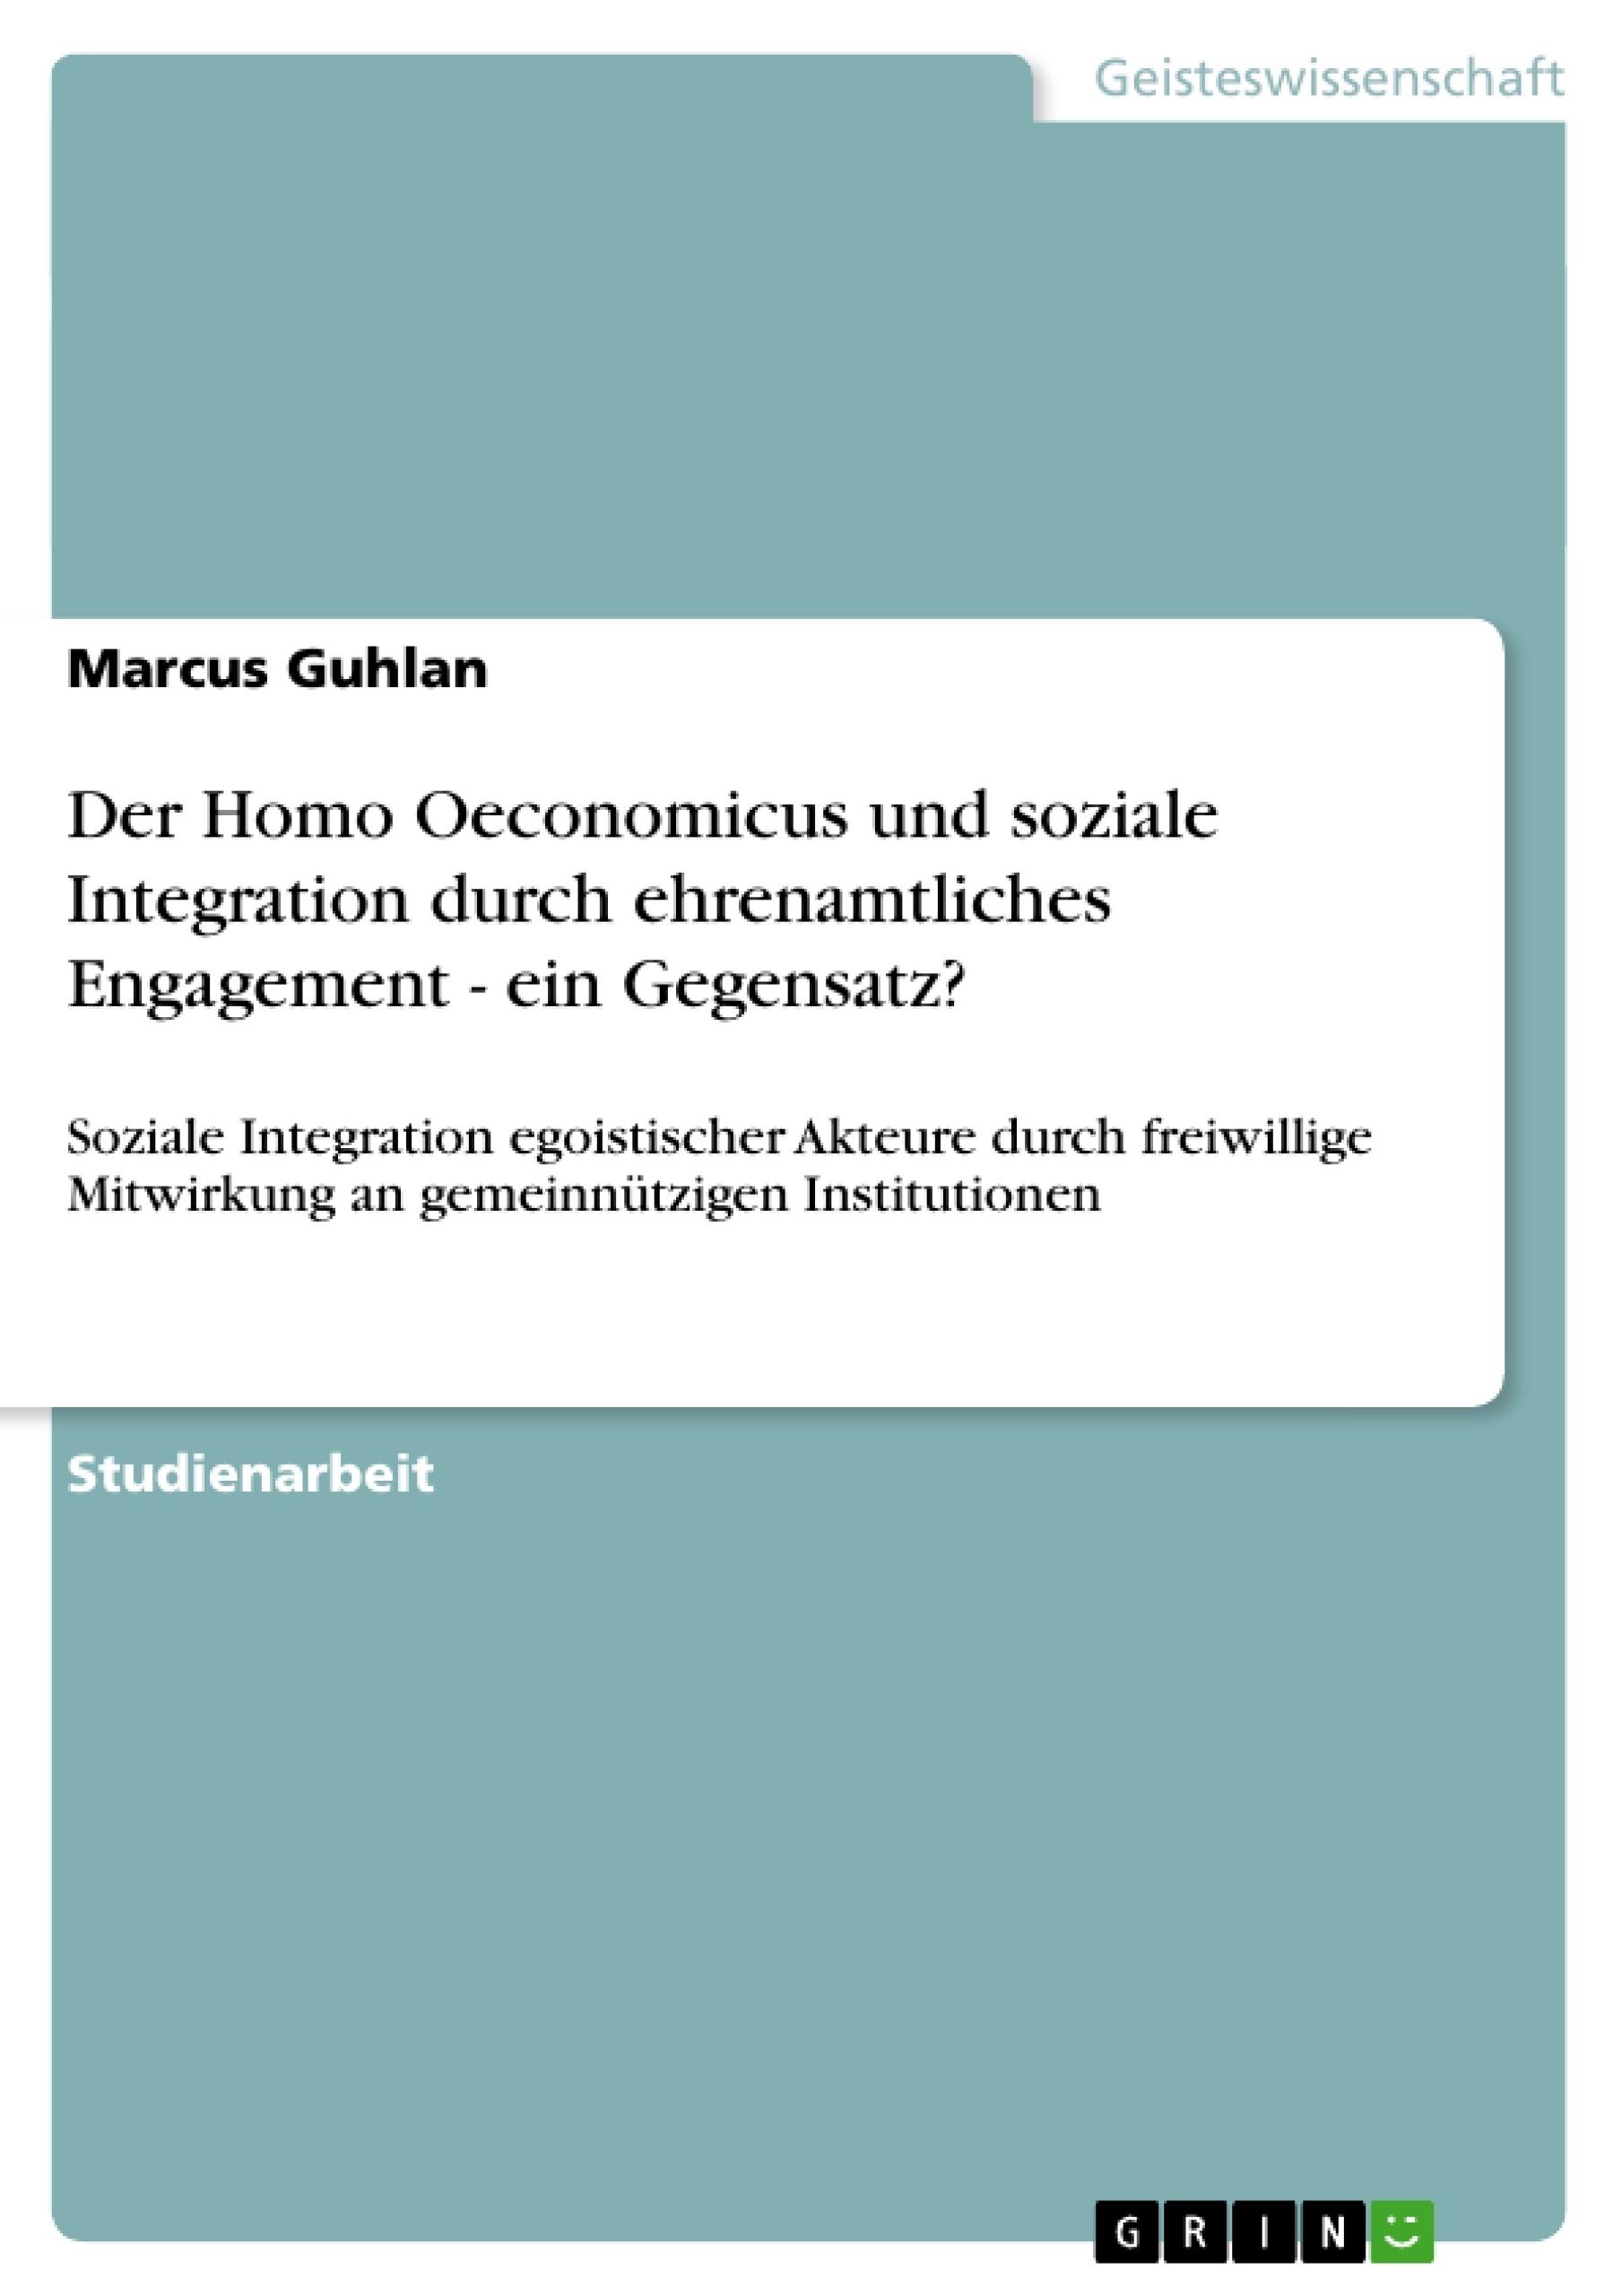 Titel: Der Homo Oeconomicus und soziale Integration durch ehrenamtliches Engagement - ein Gegensatz?